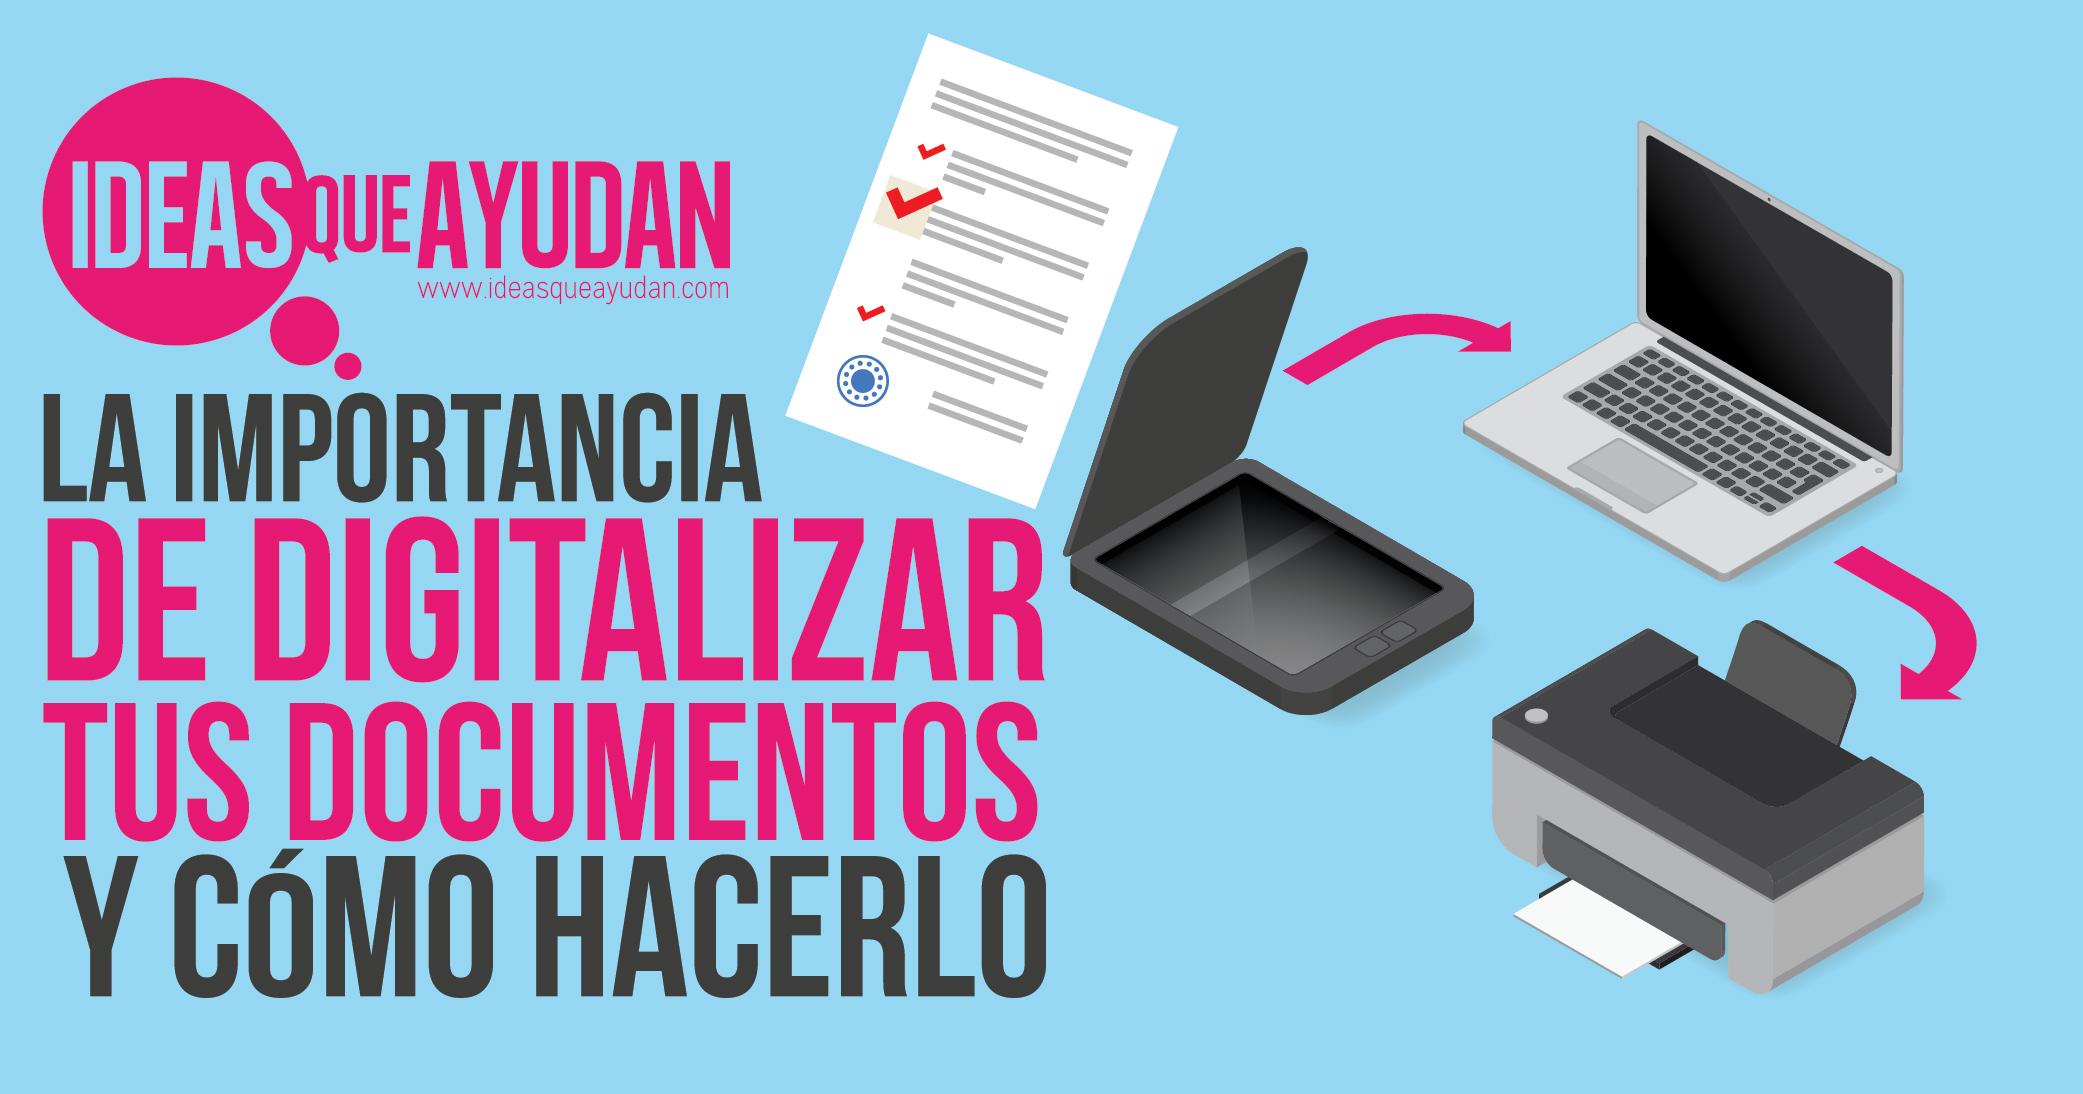 digitalizar tus documentos